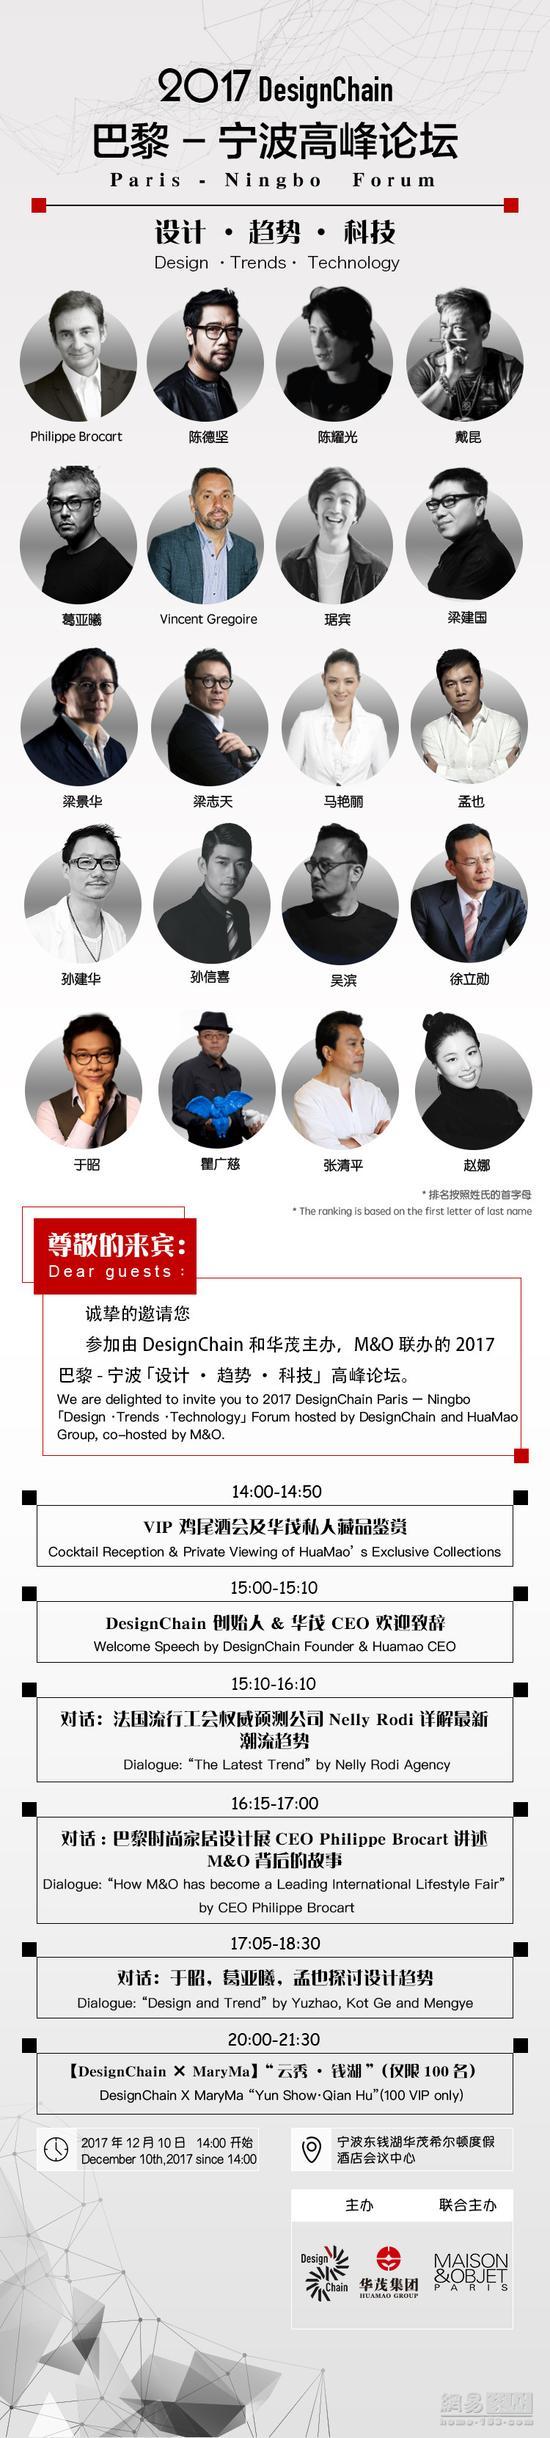 """中国首发家居高峰论坛""""设想·趋向·科技""""即将揭幕"""